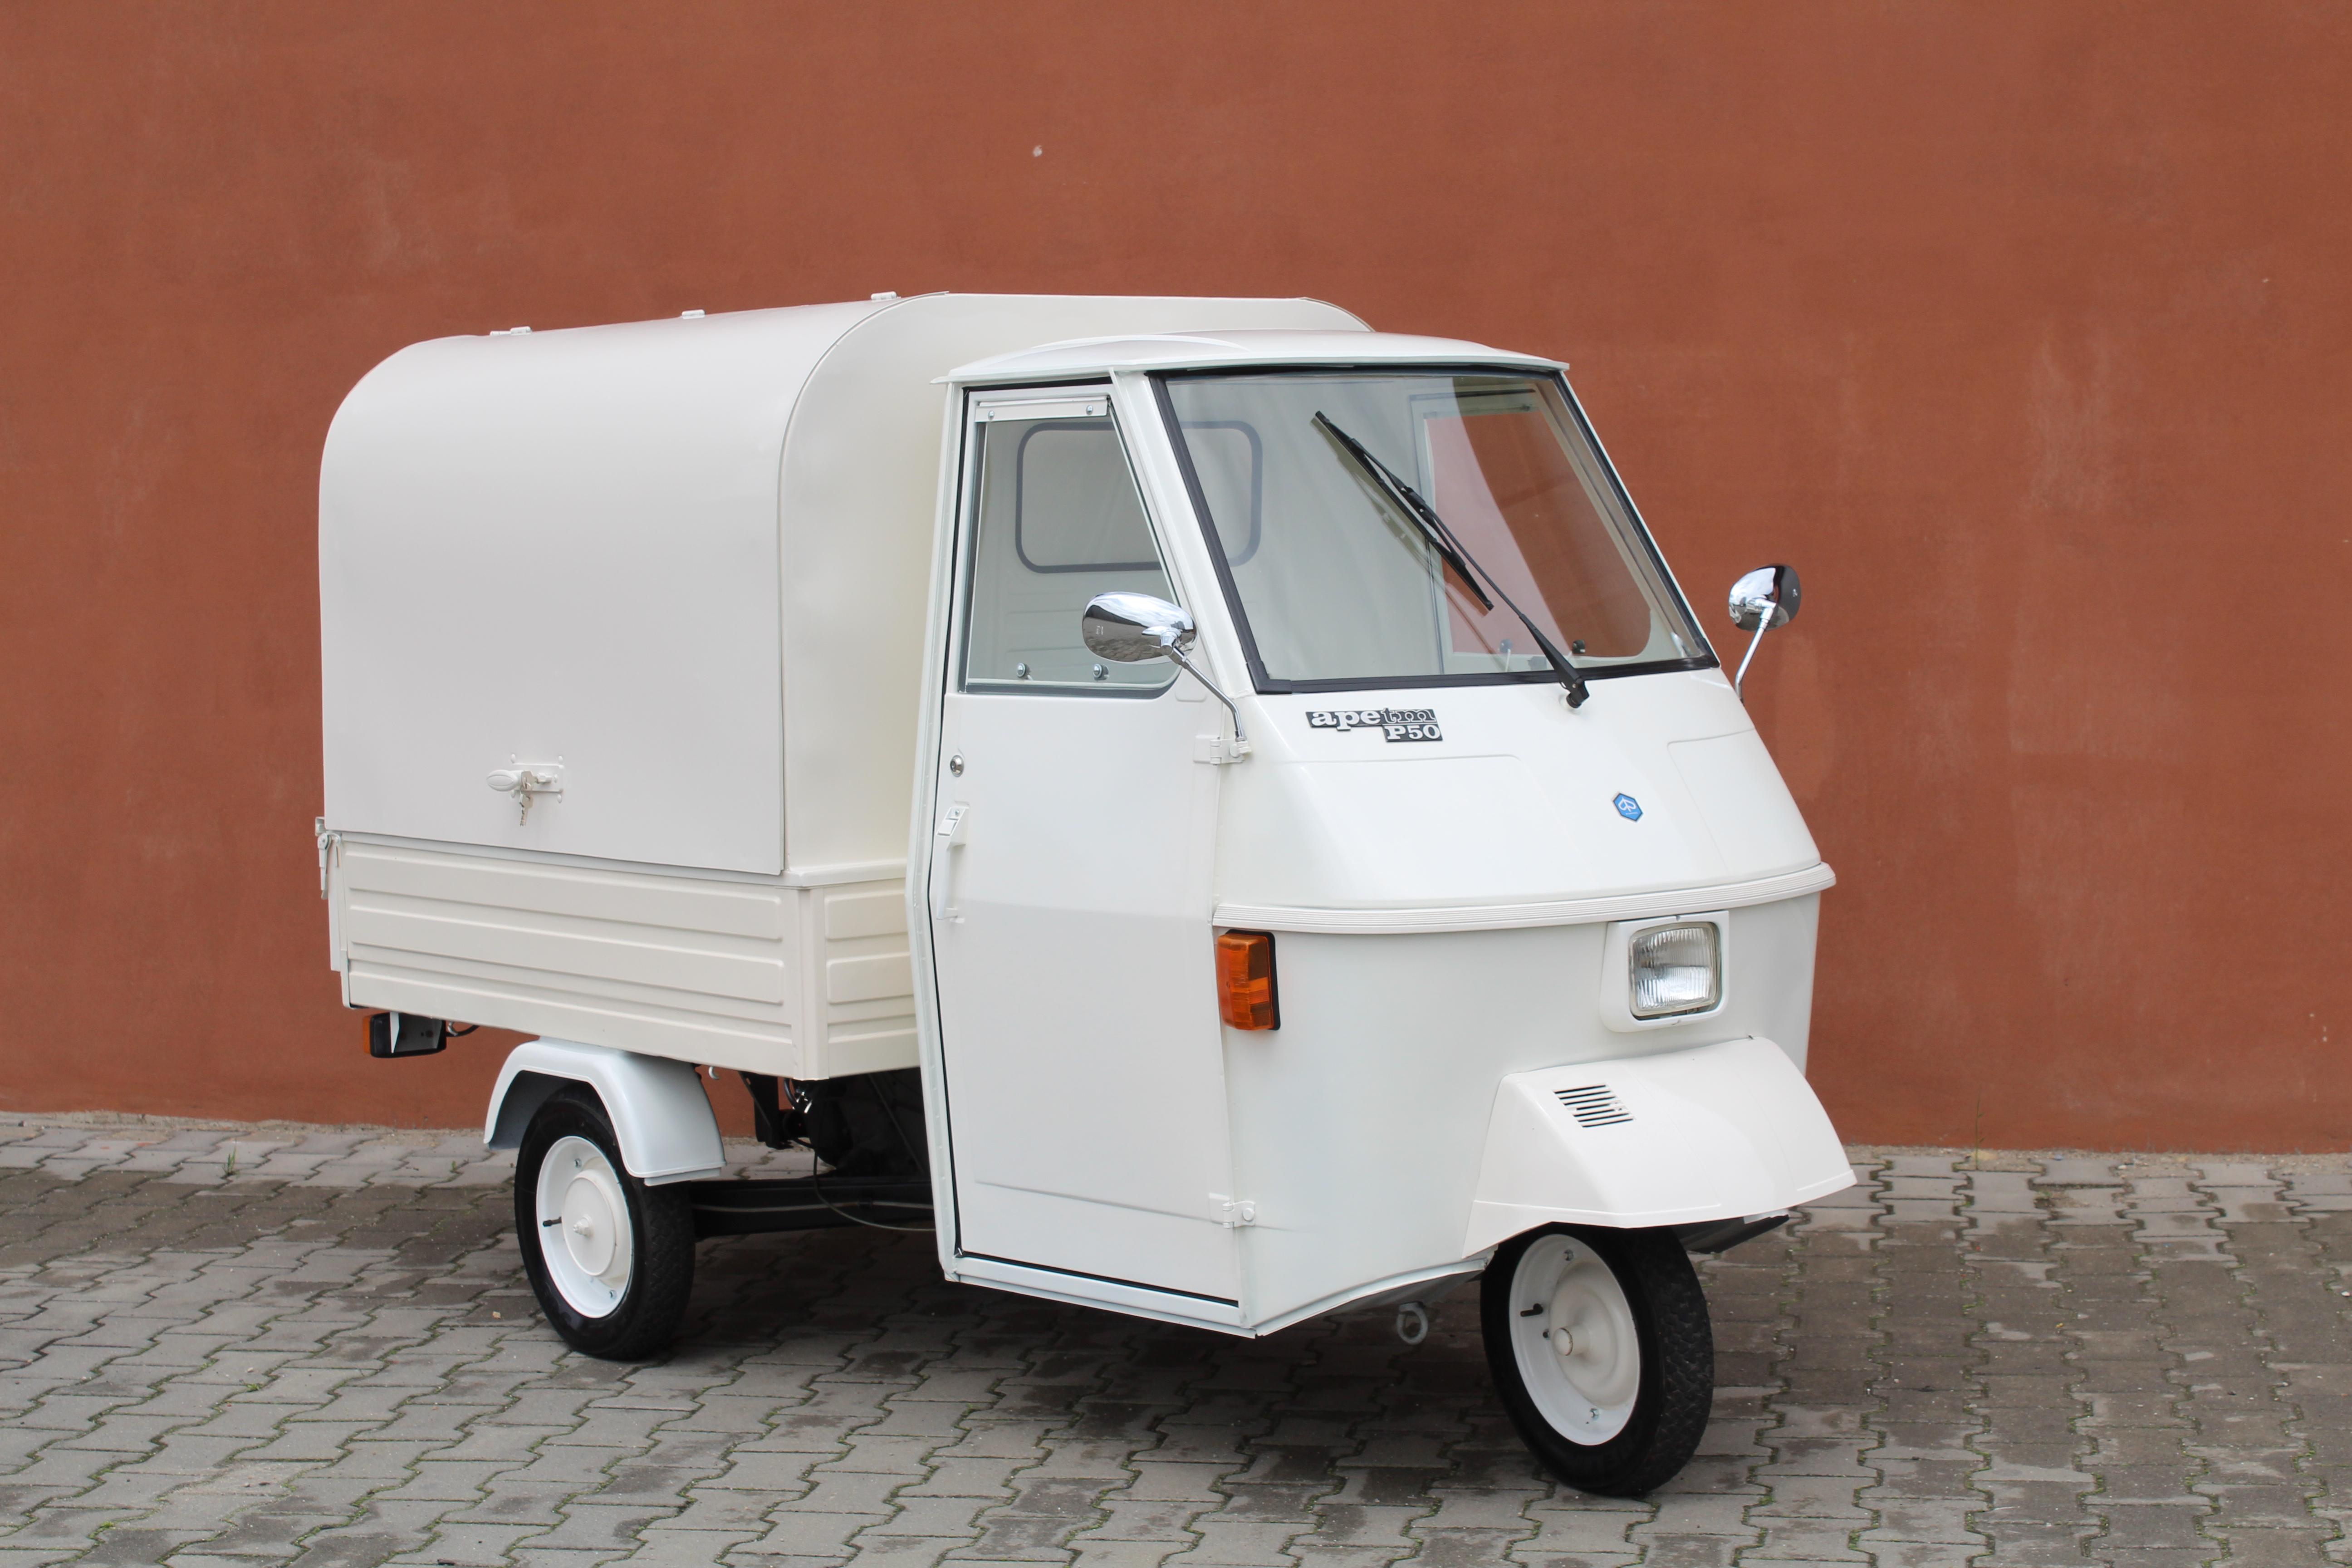 Realizacja Piaggio Ape 50 prosecco van